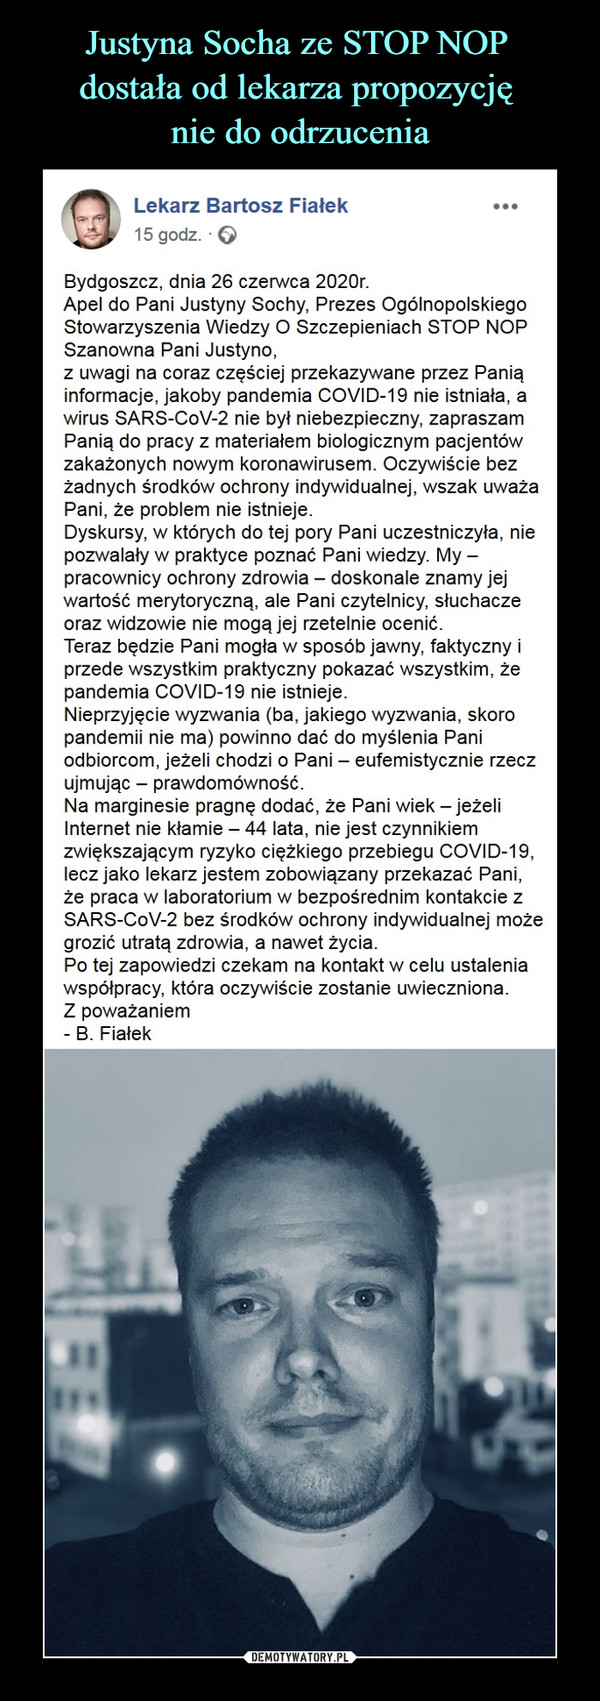 –  Lekarz Bartosz Fiałek16 godz. ·Bydgoszcz, dnia 26 czerwca 2020r.Apel do Pani Justyny Sochy, Prezes Ogólnopolskiego Stowarzyszenia Wiedzy O Szczepieniach STOP NOPSzanowna Pani Justyno,z uwagi na coraz częściej przekazywane przez Panią informacje, jakoby pandemia COVID-19 nie istniała, a wirus SARS-CoV-2 nie był niebezpieczny, zapraszam Panią do pracy z materiałem biologicznym pacjentów zakażonych nowym koronawirusem. Oczywiście bez żadnych środków ochrony indywidualnej, wszak uważa Pani, że problem nie istnieje.Dyskursy, w których do tej pory Pani uczestniczyła, nie pozwalały w praktyce poznać Pani wiedzy. My – pracownicy ochrony zdrowia – doskonale znamy jej wartość merytoryczną, ale Pani czytelnicy, słuchacze oraz widzowie nie mogą jej rzetelnie ocenić.Teraz będzie Pani mogła w sposób jawny, faktyczny i przede wszystkim praktyczny pokazać wszystkim, że pandemia COVID-19 nie istnieje.Nieprzyjęcie wyzwania (ba, jakiego wyzwania, skoro pandemii nie ma) powinno dać do myślenia Pani odbiorcom, jeżeli chodzi o Pani – eufemistycznie rzecz ujmując – prawdomówność.Na marginesie pragnę dodać, że Pani wiek – jeżeli Internet nie kłamie – 44 lata, nie jest czynnikiem zwiększającym ryzyko ciężkiego przebiegu COVID-19, lecz jako lekarz jestem zobowiązany przekazać Pani, że praca w laboratorium w bezpośrednim kontakcie z SARS-CoV-2 bez środków ochrony indywidualnej może grozić utratą zdrowia, a nawet życia.Po tej zapowiedzi czekam na kontakt w celu ustalenia współpracy, która oczywiście zostanie uwieczniona.Z poważaniem- B. Fiałek